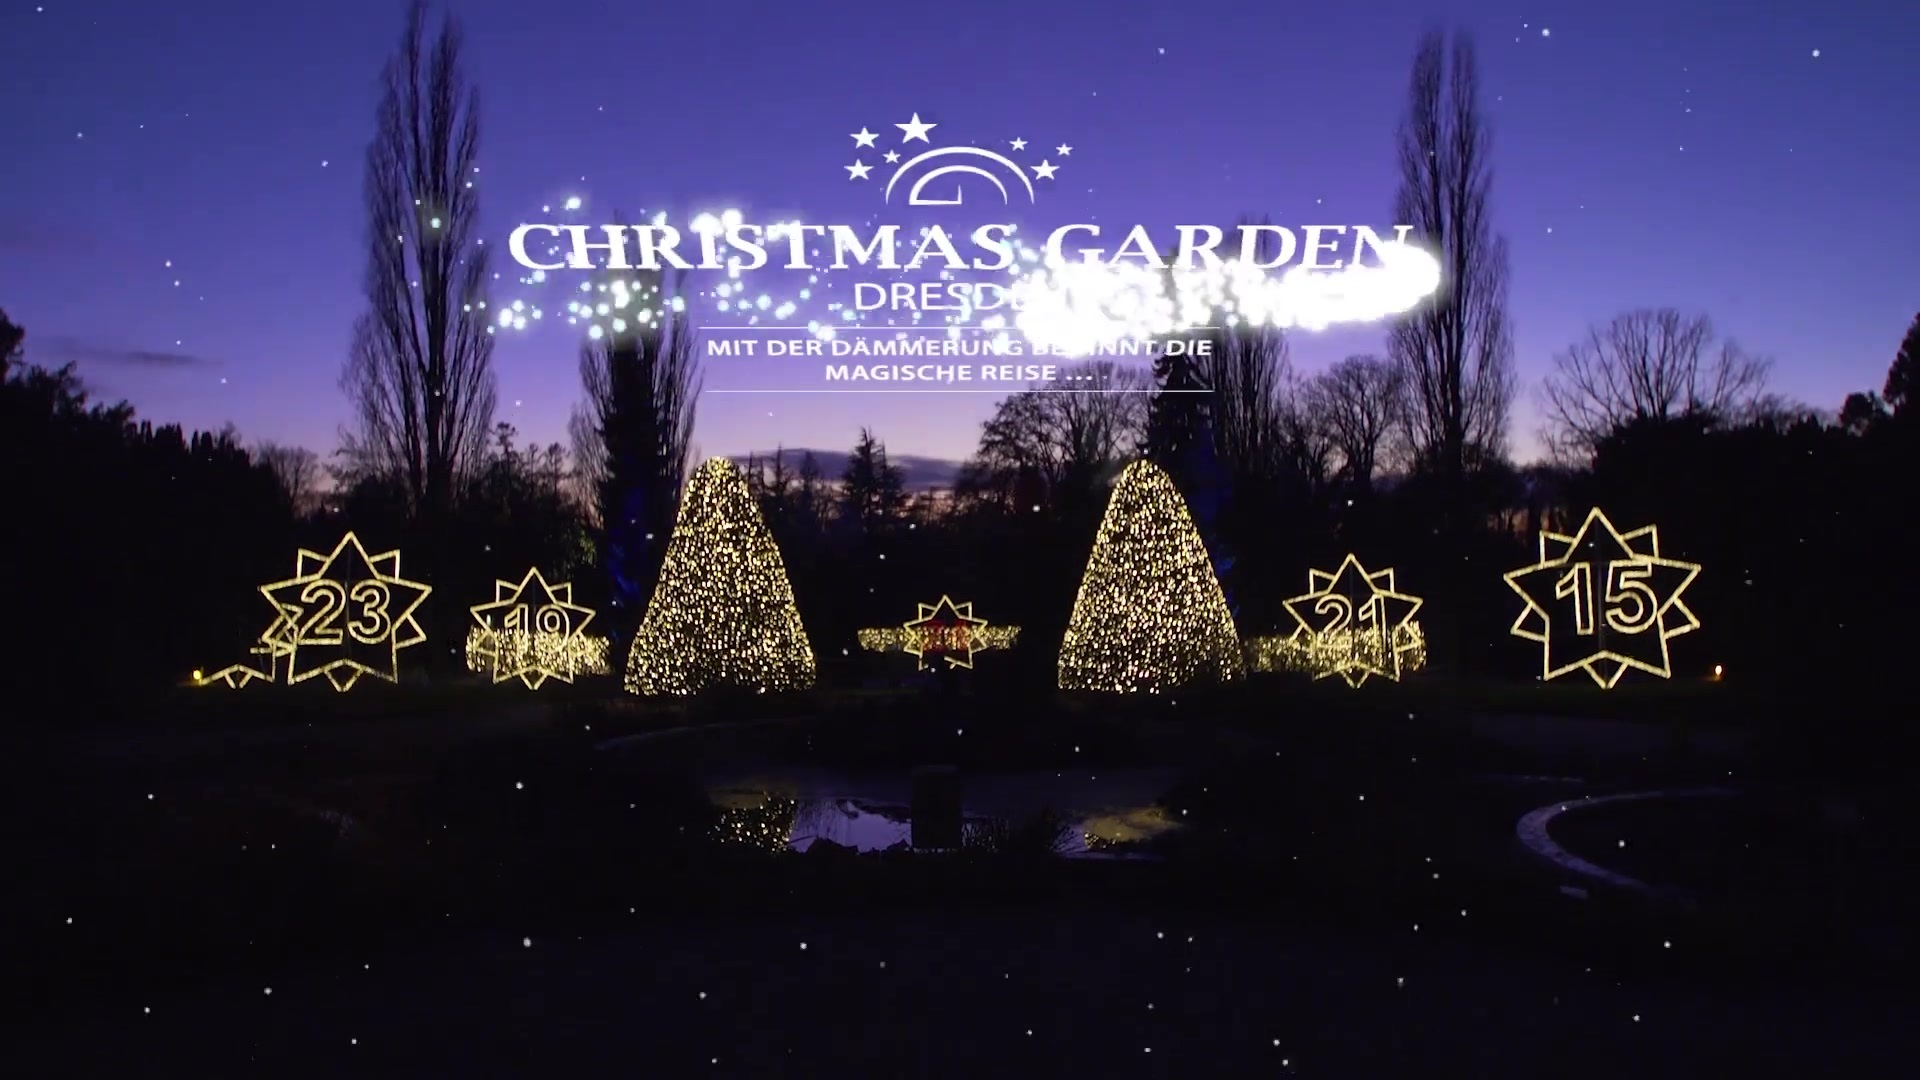 Trailer Christmas Garden (Video) | SACHSEN FERNSEHEN